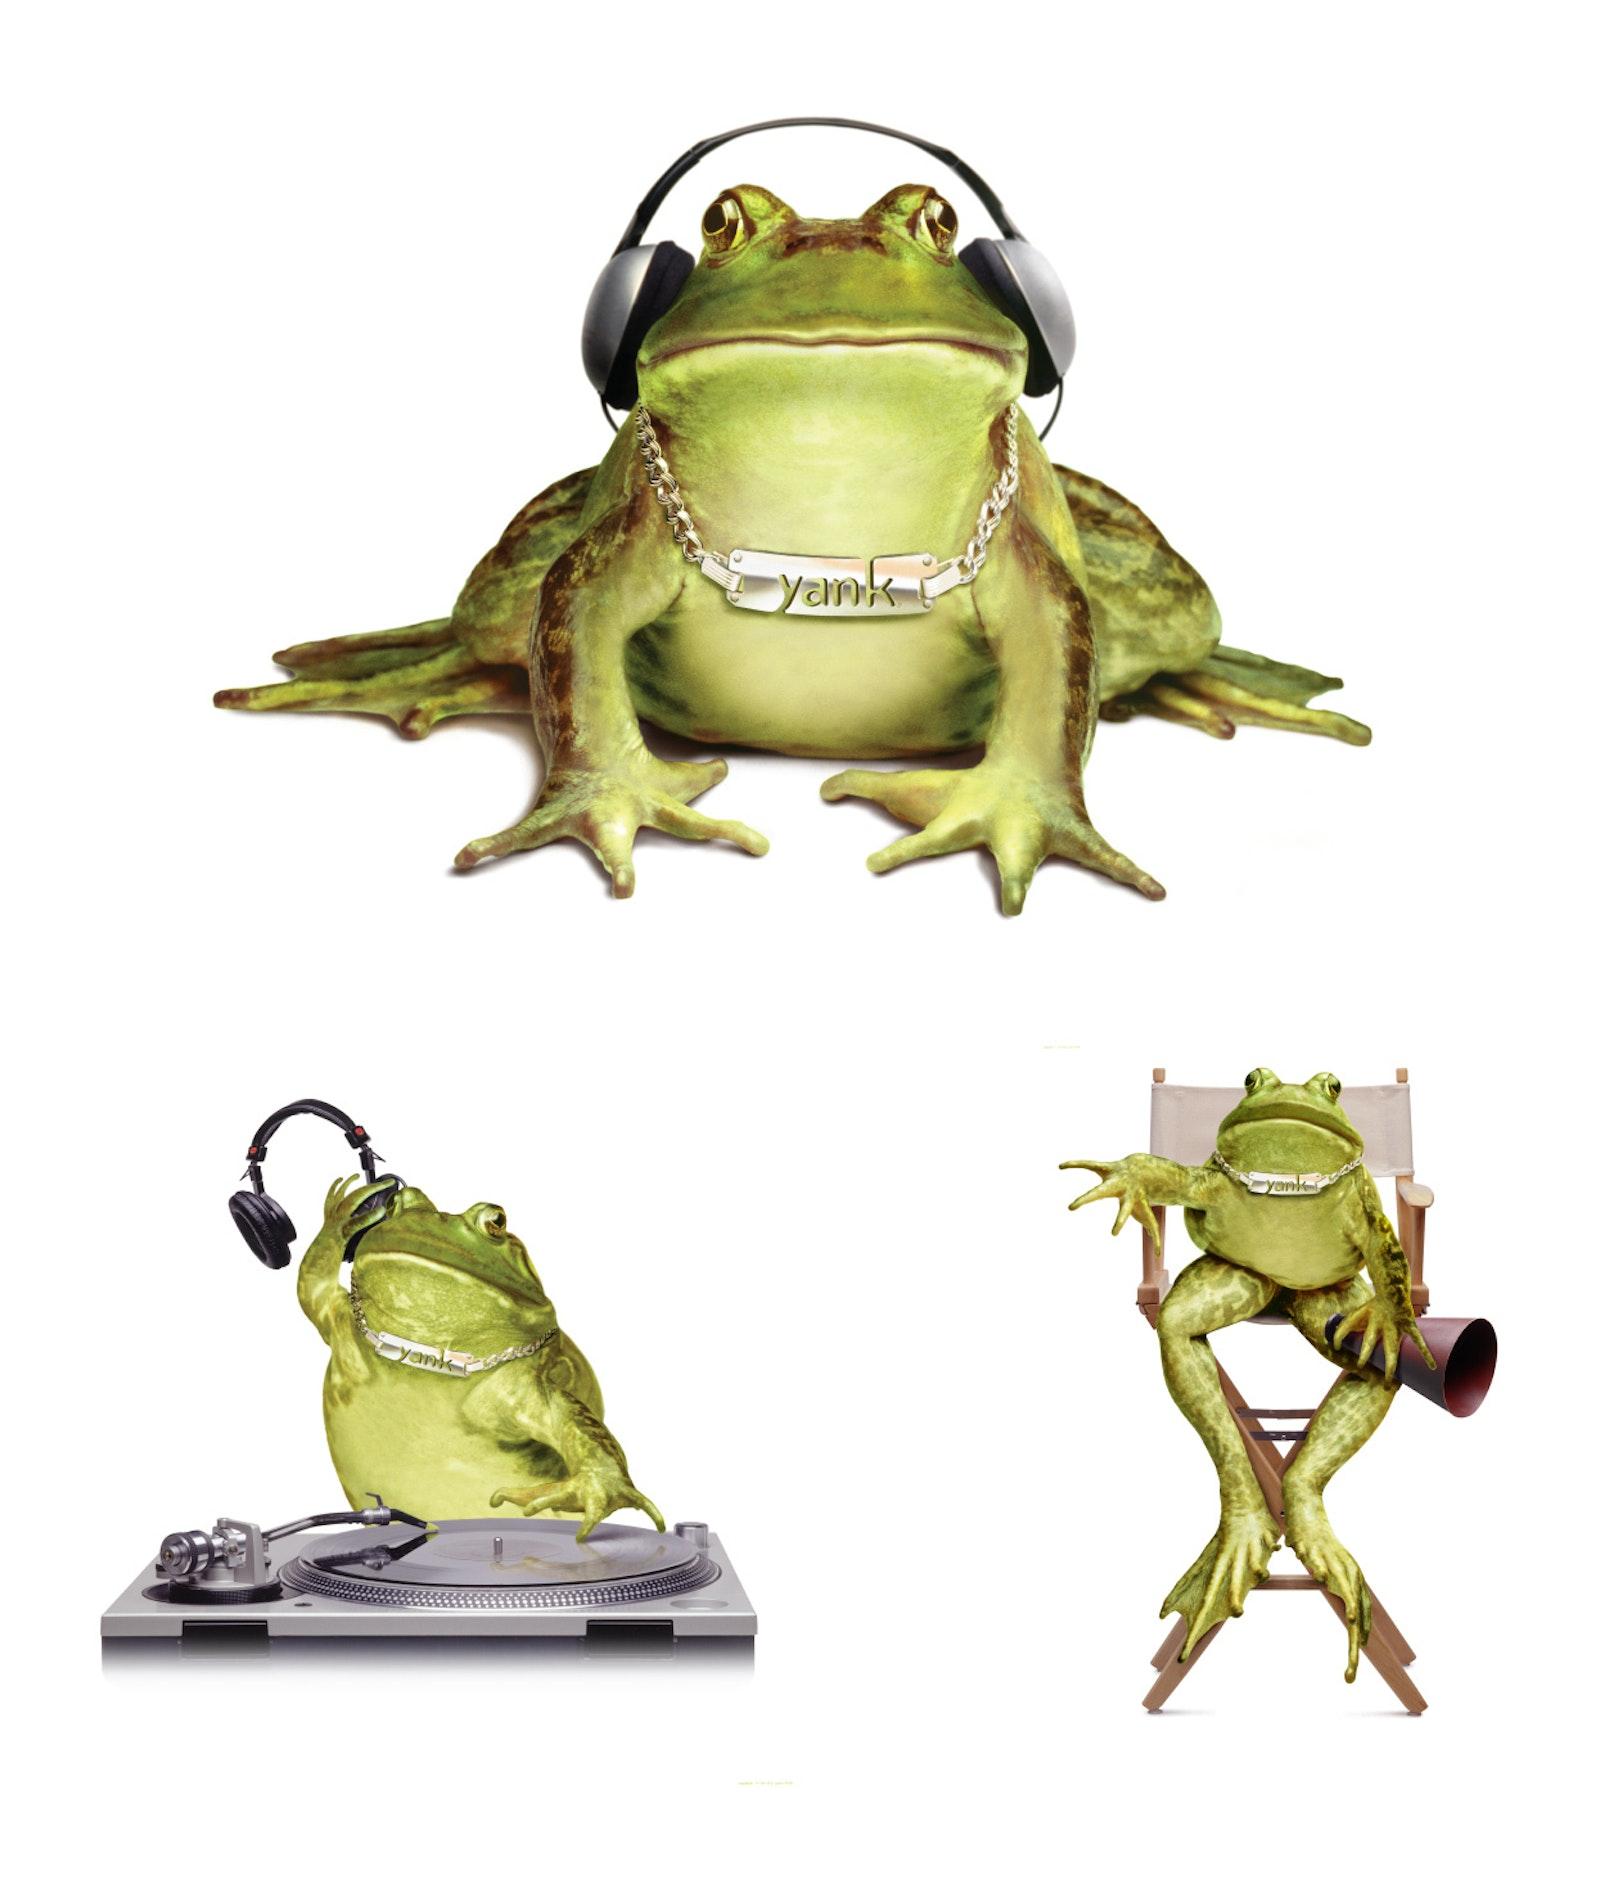 Yank Frogs